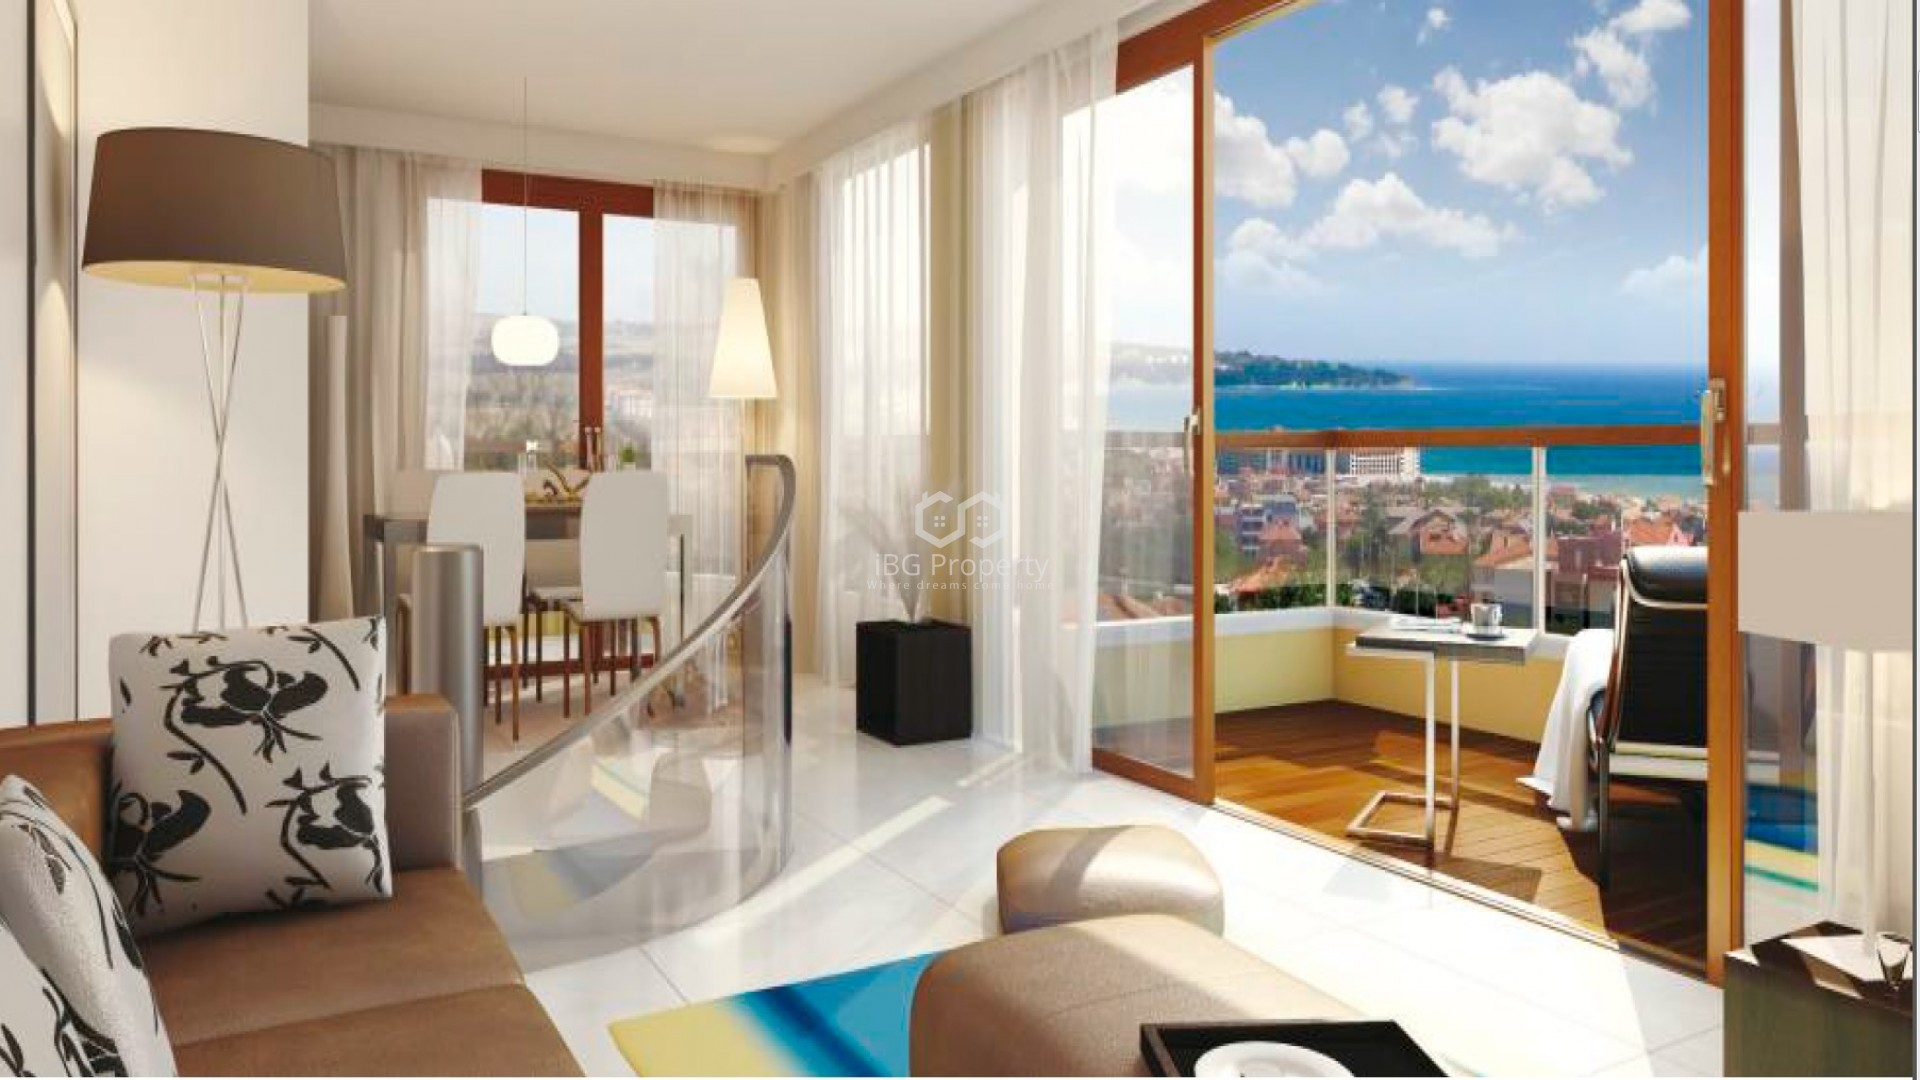 Zweizimmerwohnung in Obzor 103 m2